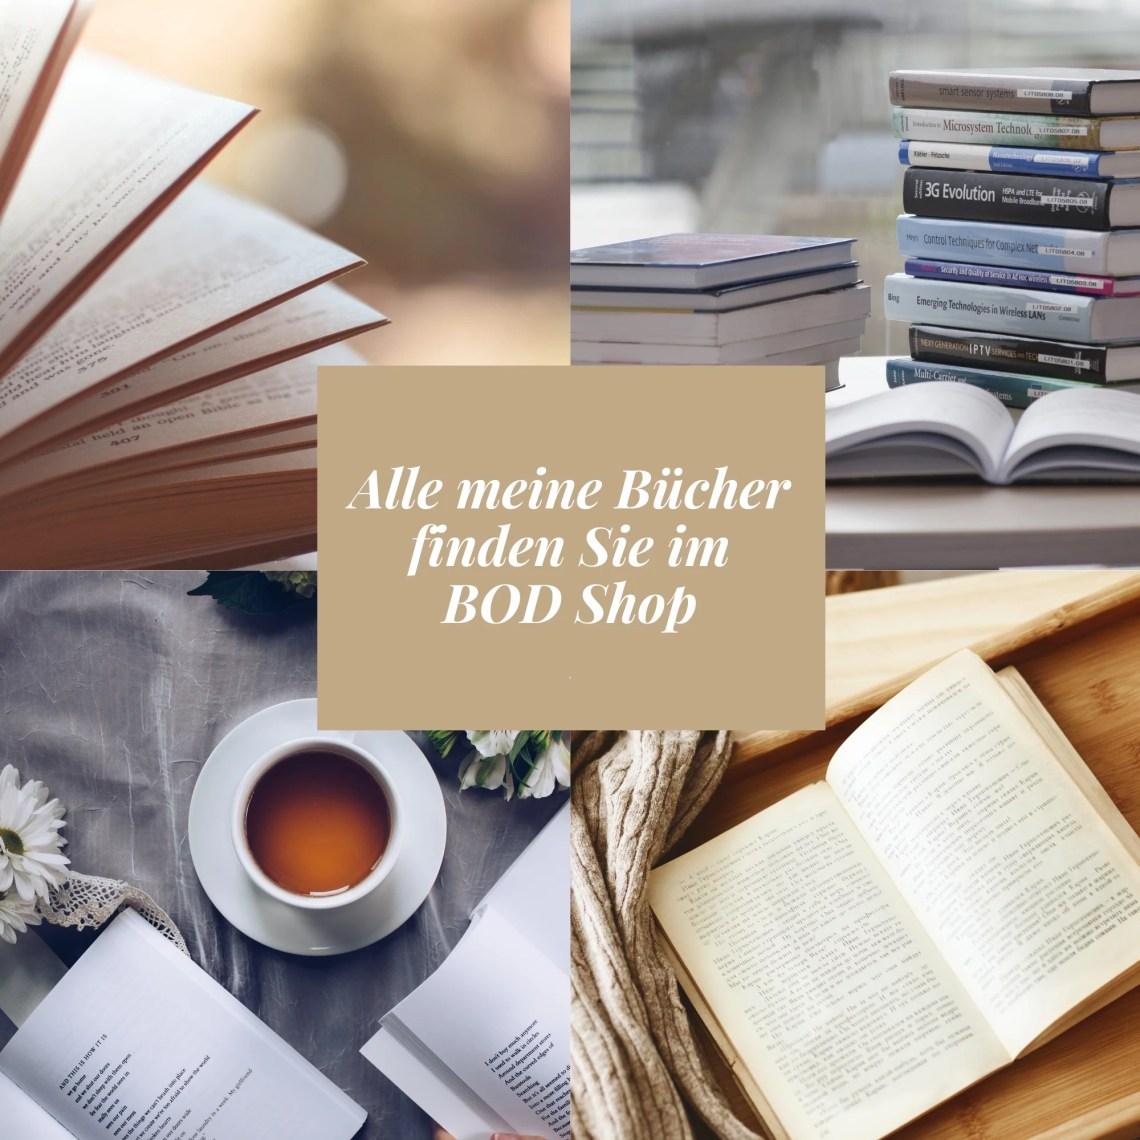 Alle meine Bücher finden Sie im BOD Shop